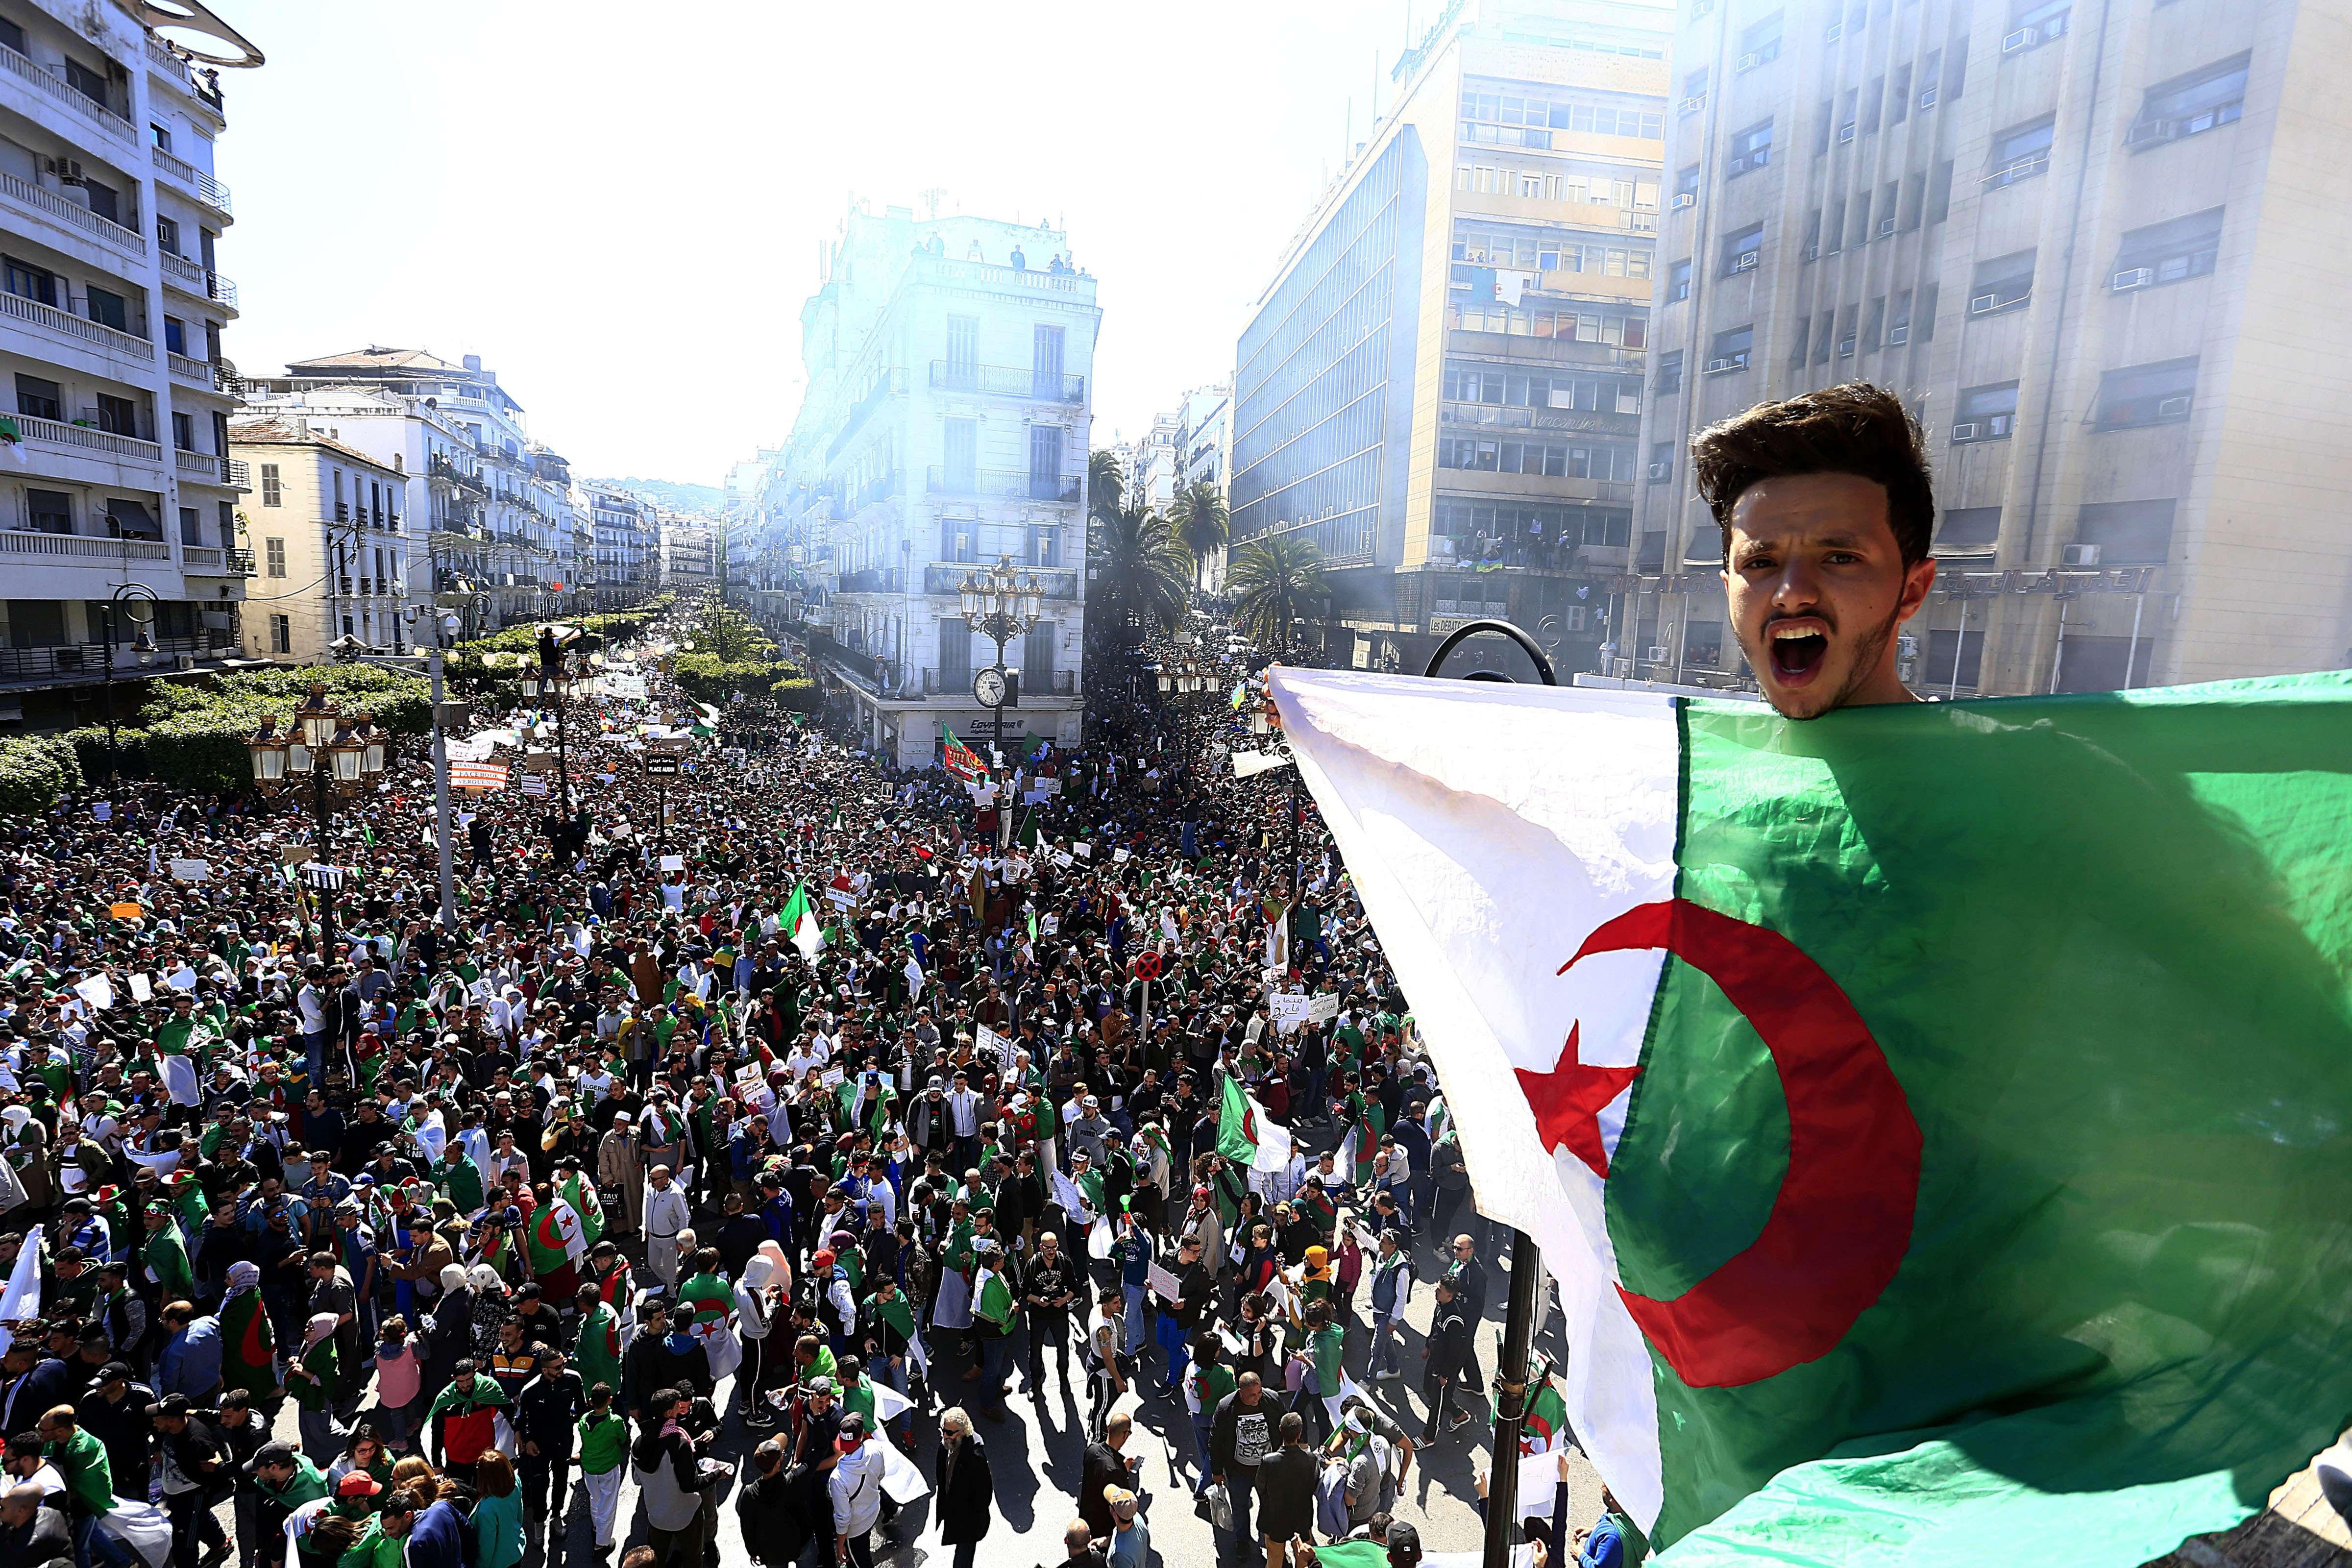 Un manifestant au-dessus du rassemblement dans le centre d'Alger, vendredi 15 mars 2019.